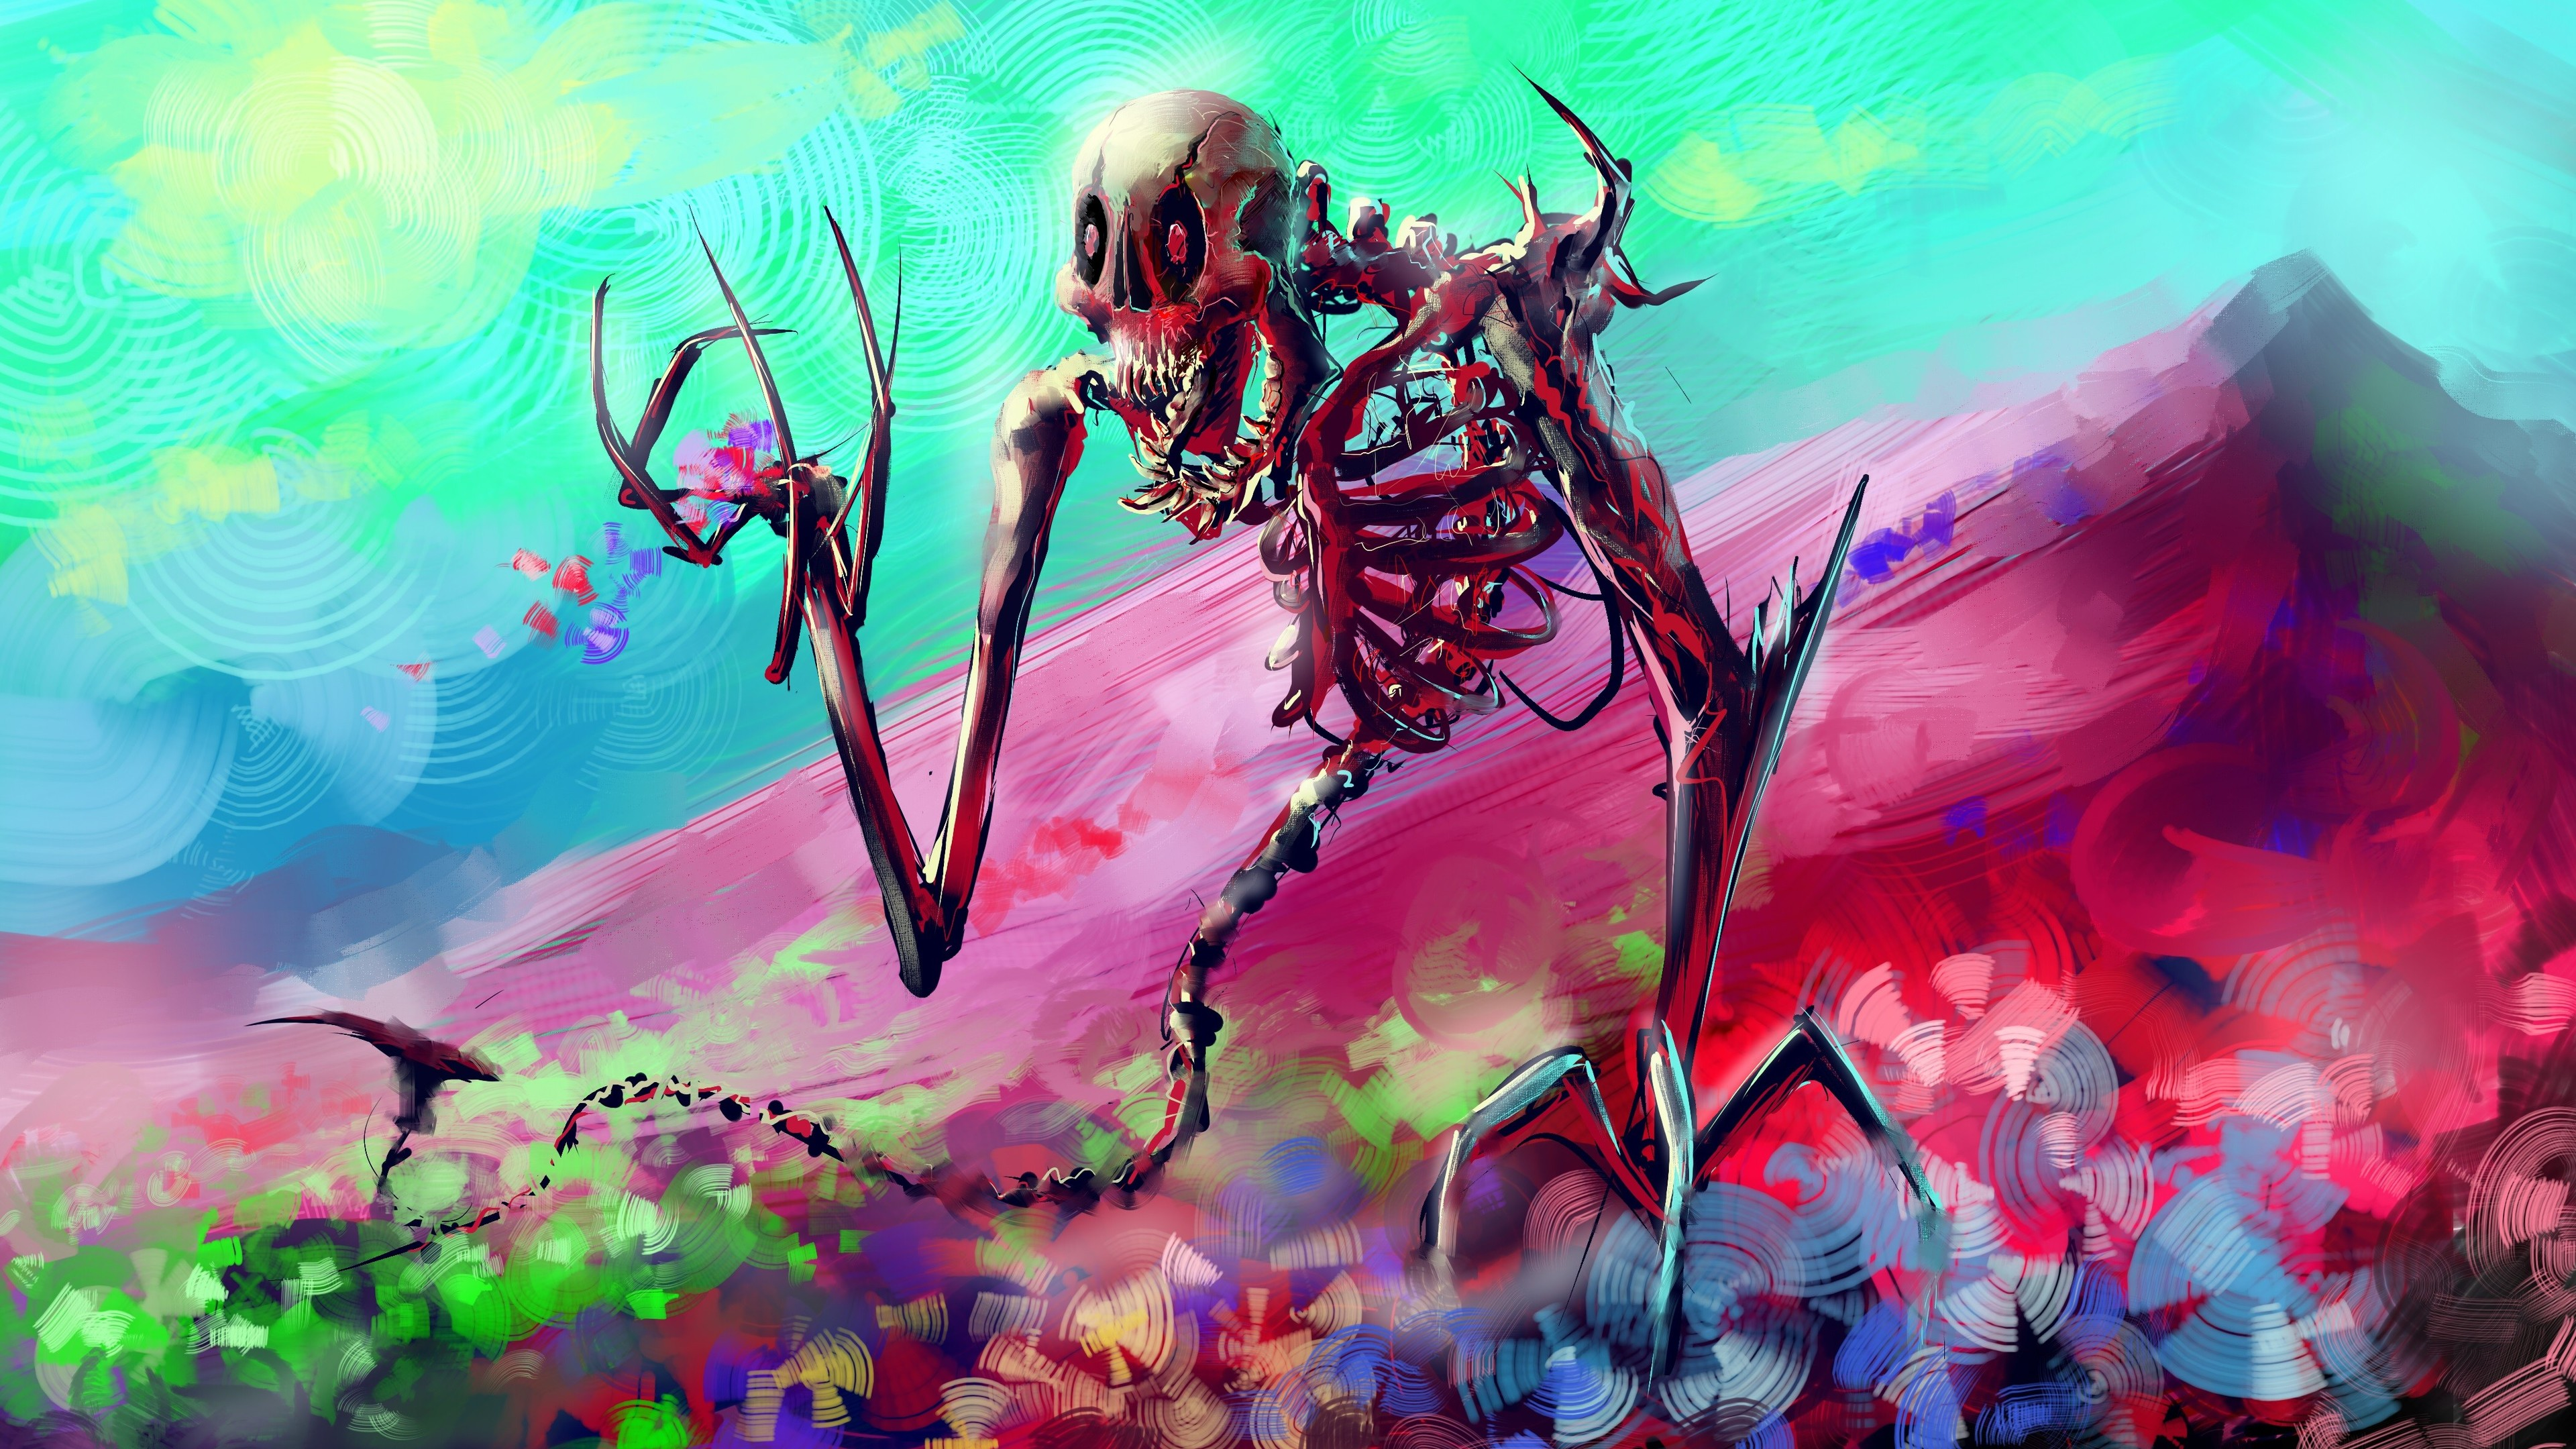 Wallpaper 4k Skelton Skull Colorful Digital Art 4k 4k